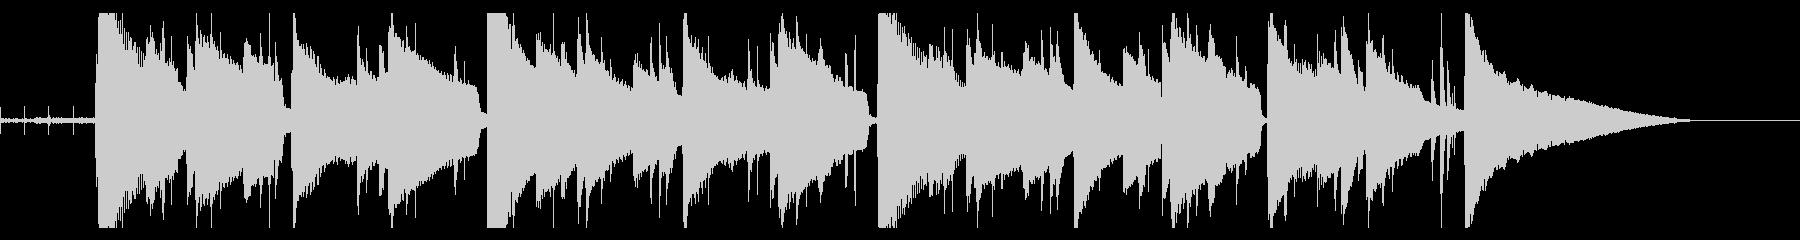 Lo-fi Ending エンディングの未再生の波形